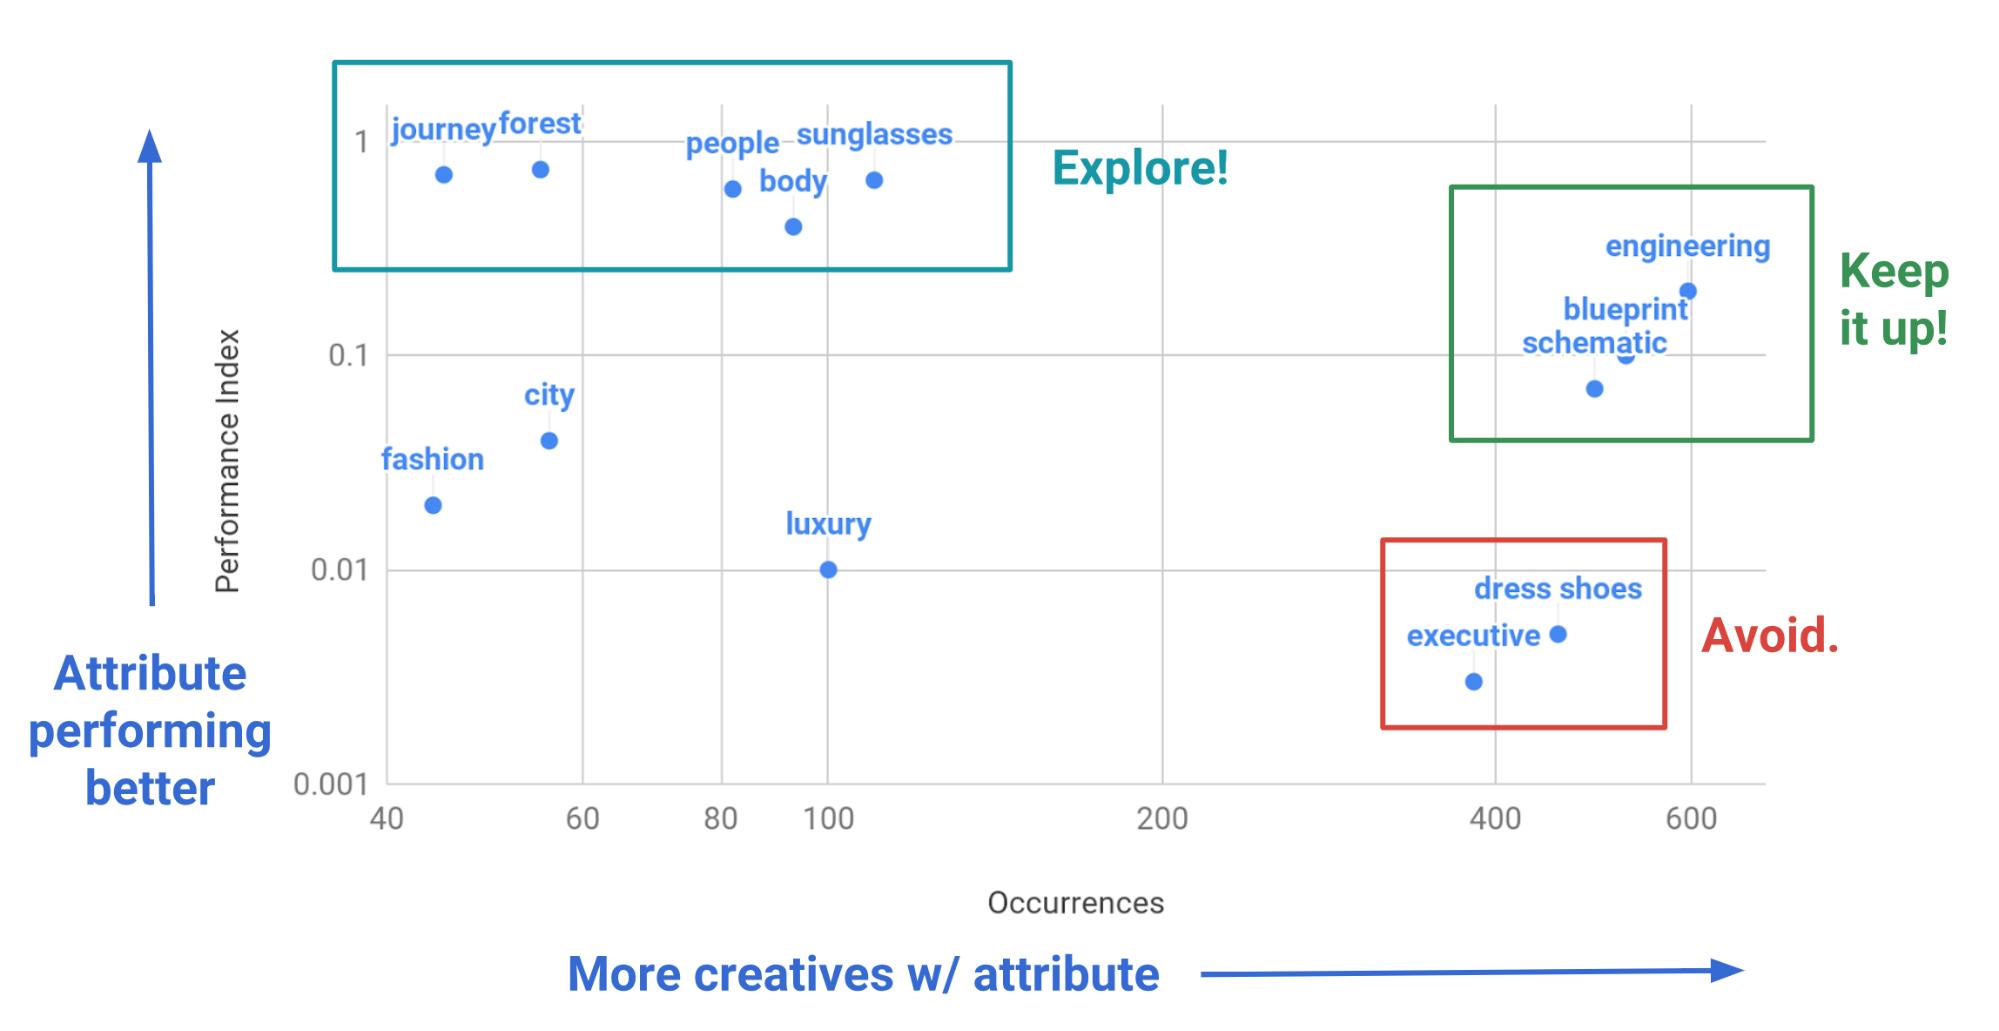 gráfico que representa o número de ocorrências de um rótulo em relação ao índice de desempenho do criativo